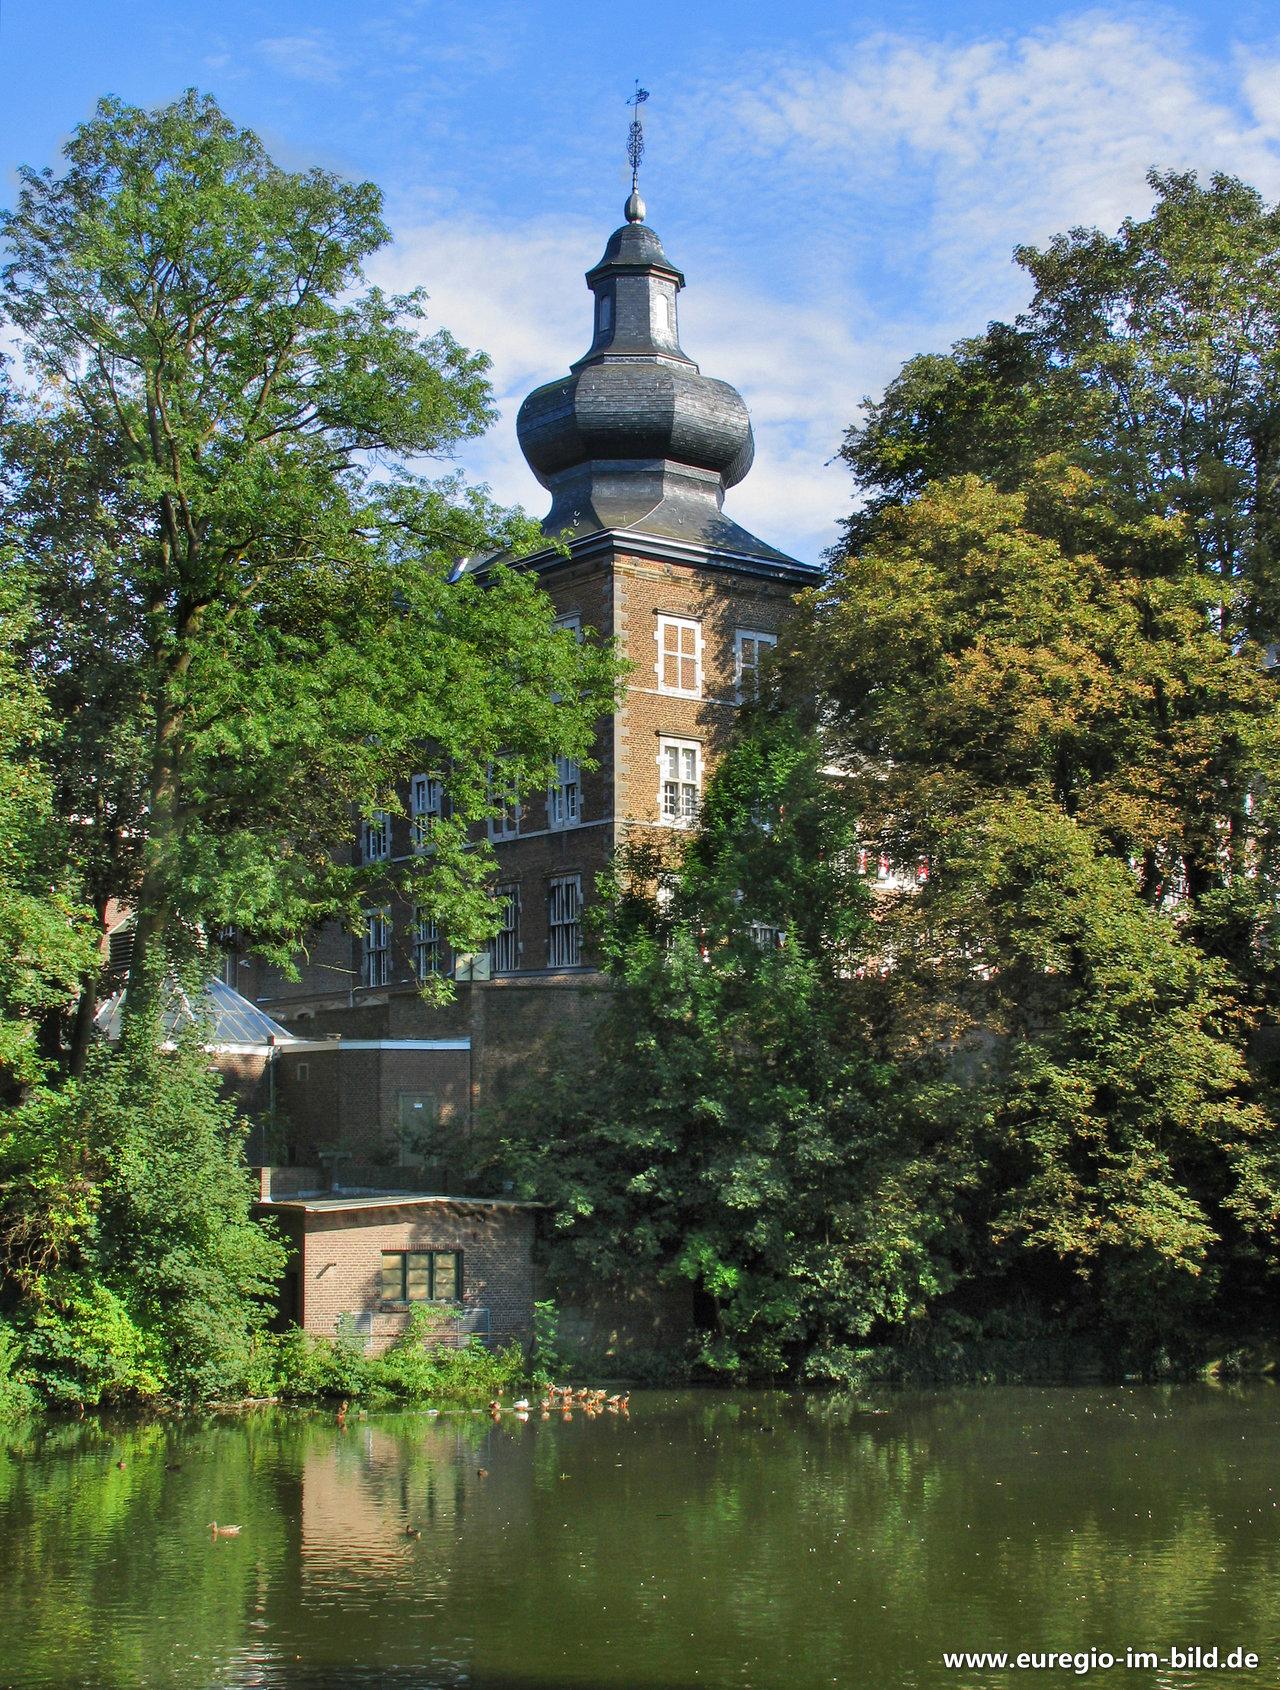 Kerkrade Niederlande abtei rolduc kerkrade nl euregio im bild